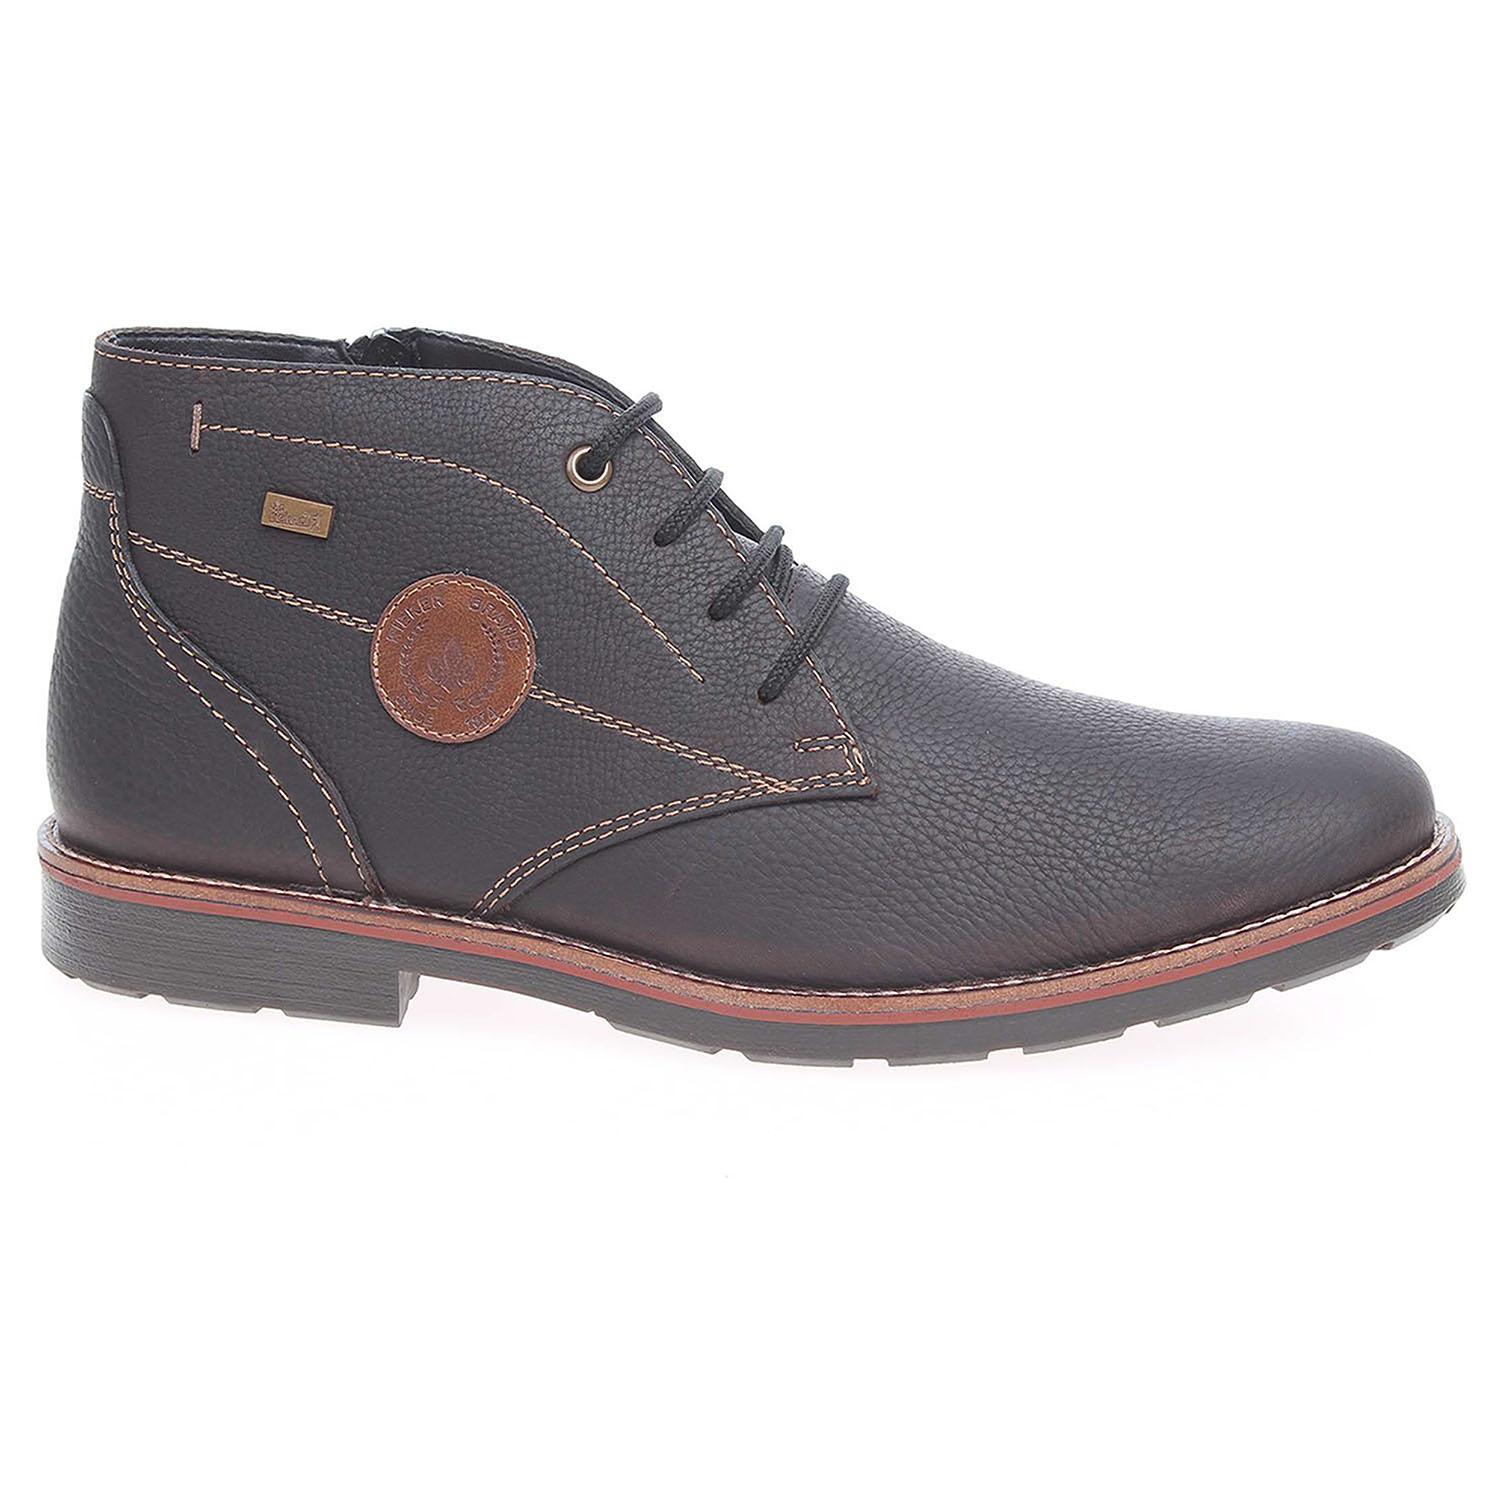 Pánská kotníková obuv Rieker 35329-25 hnědé 35329-25 43